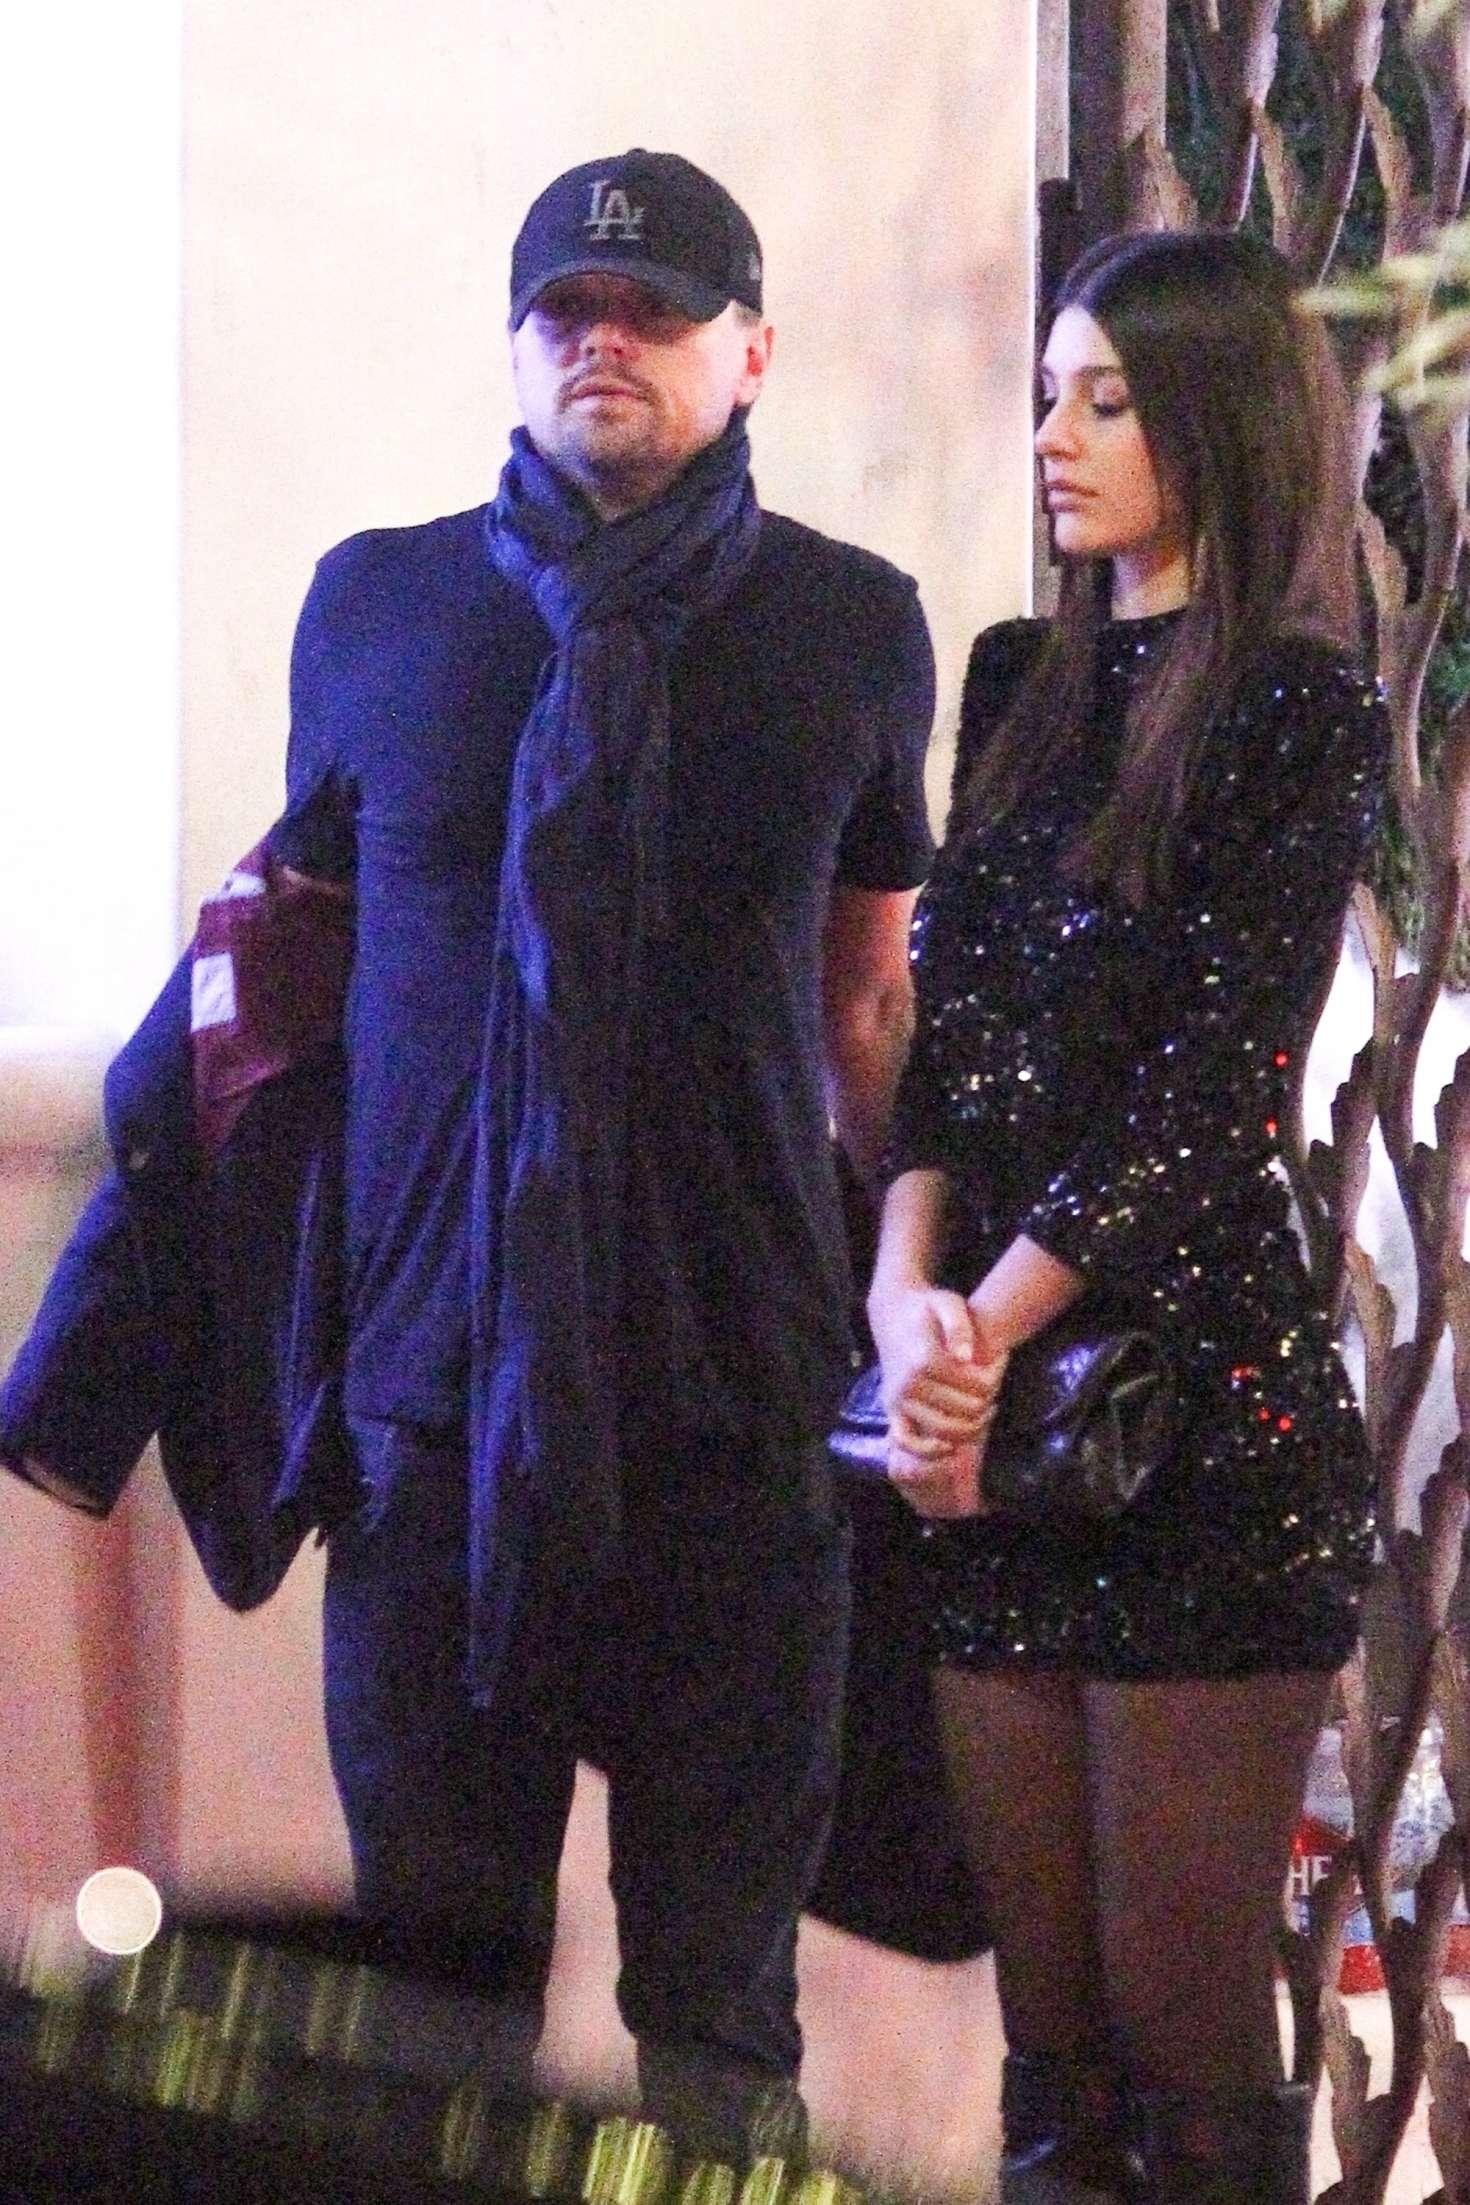 Camila Morrone And Leonardo Dicaprio Night Out In